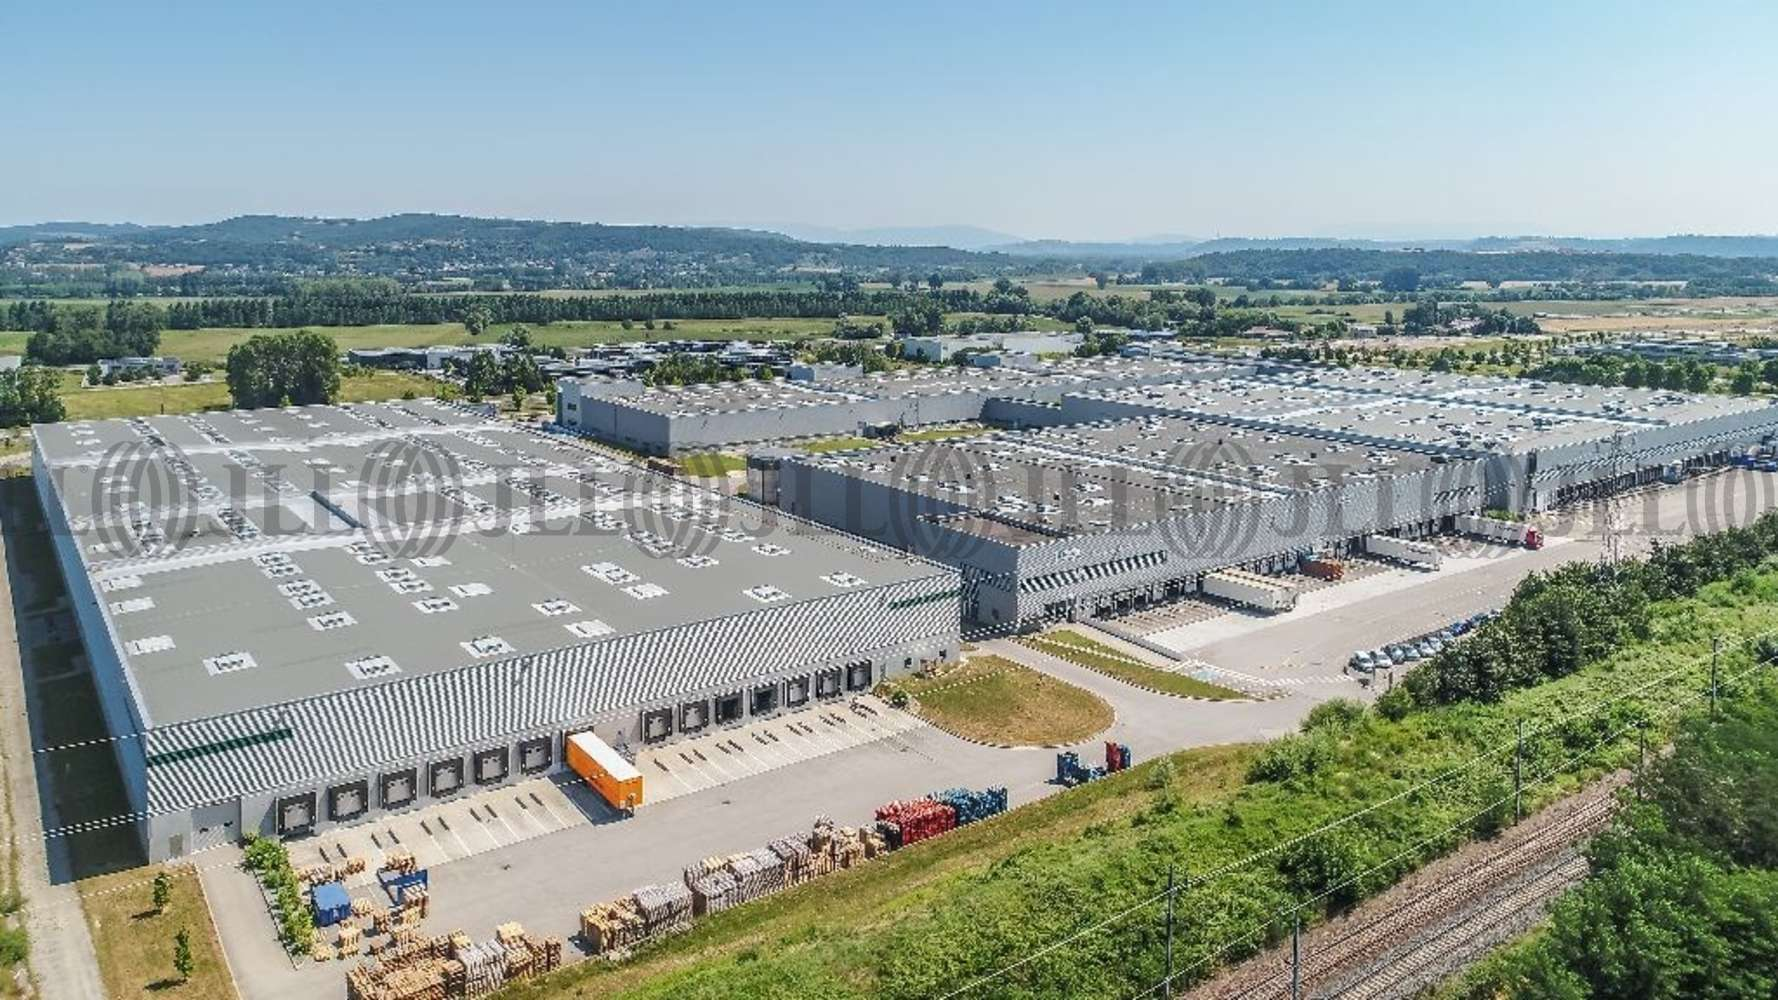 Plateformes logistiques Vaulx milieu, 38090 - A louer - entrepôt logistique Isère (38) - 9632130